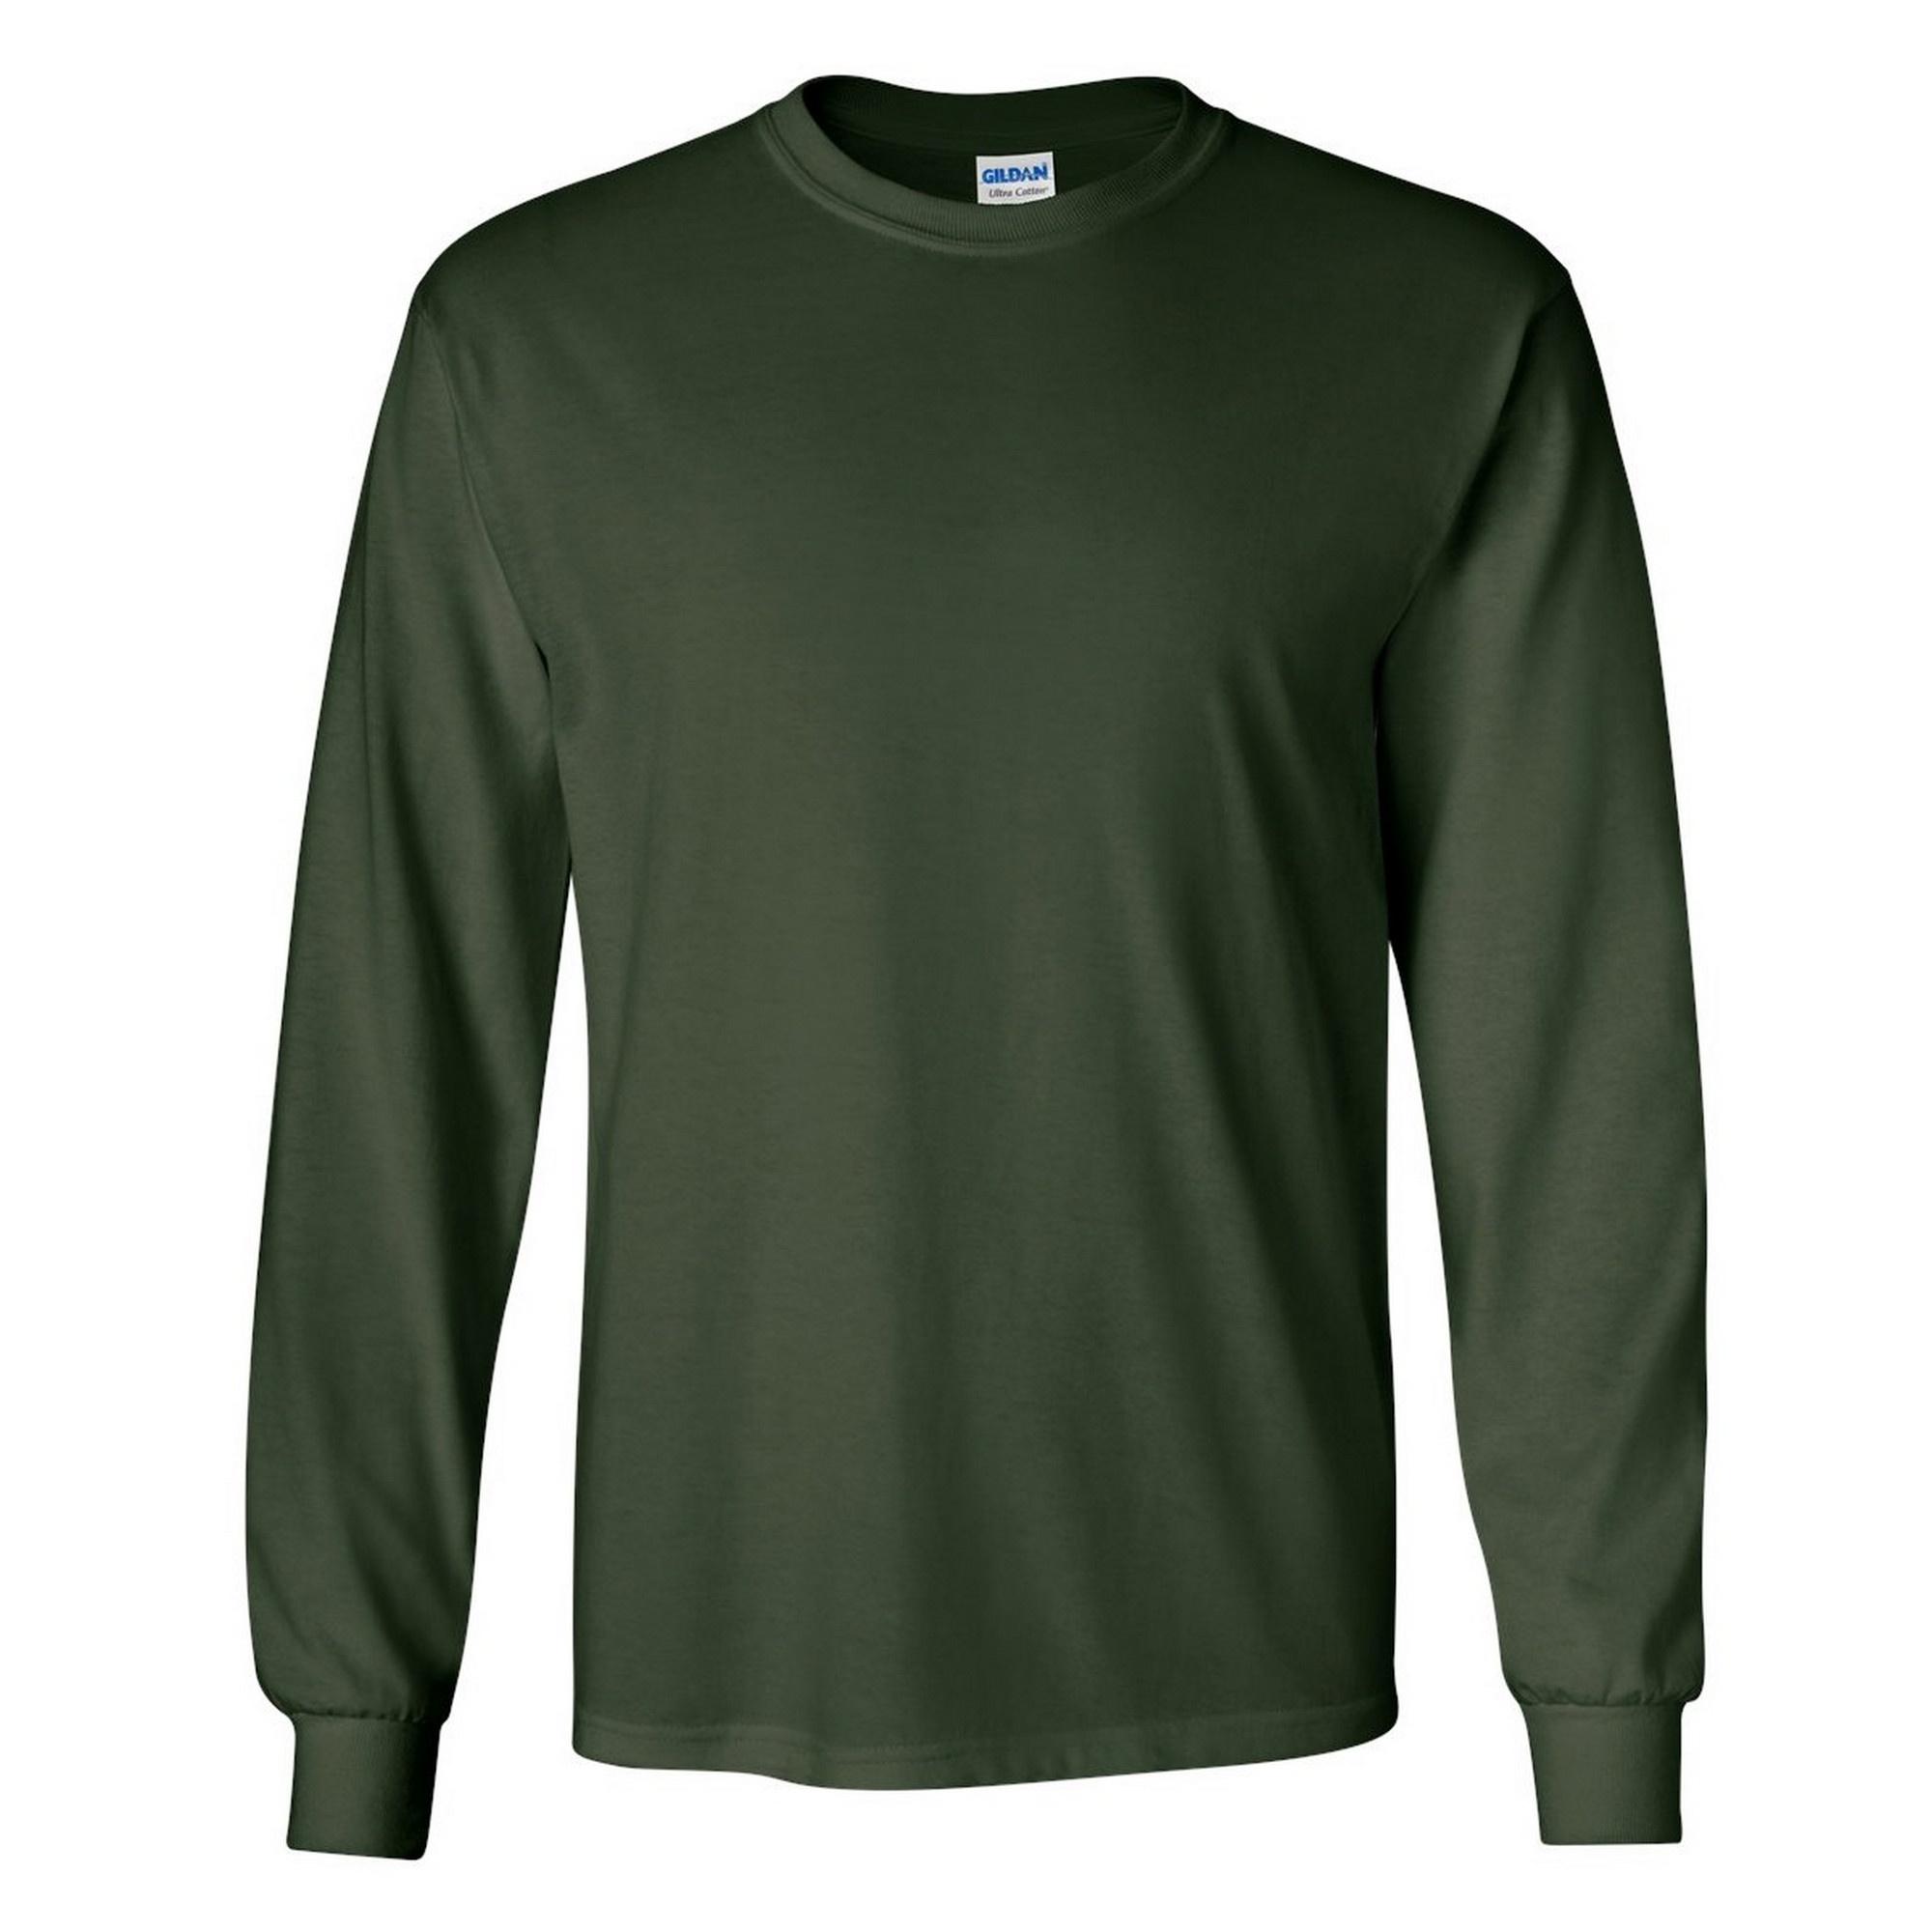 miniature 73 - T-shirt-uni-a-manches-longues-Gildan-100-coton-pour-homme-S-2XL-BC477